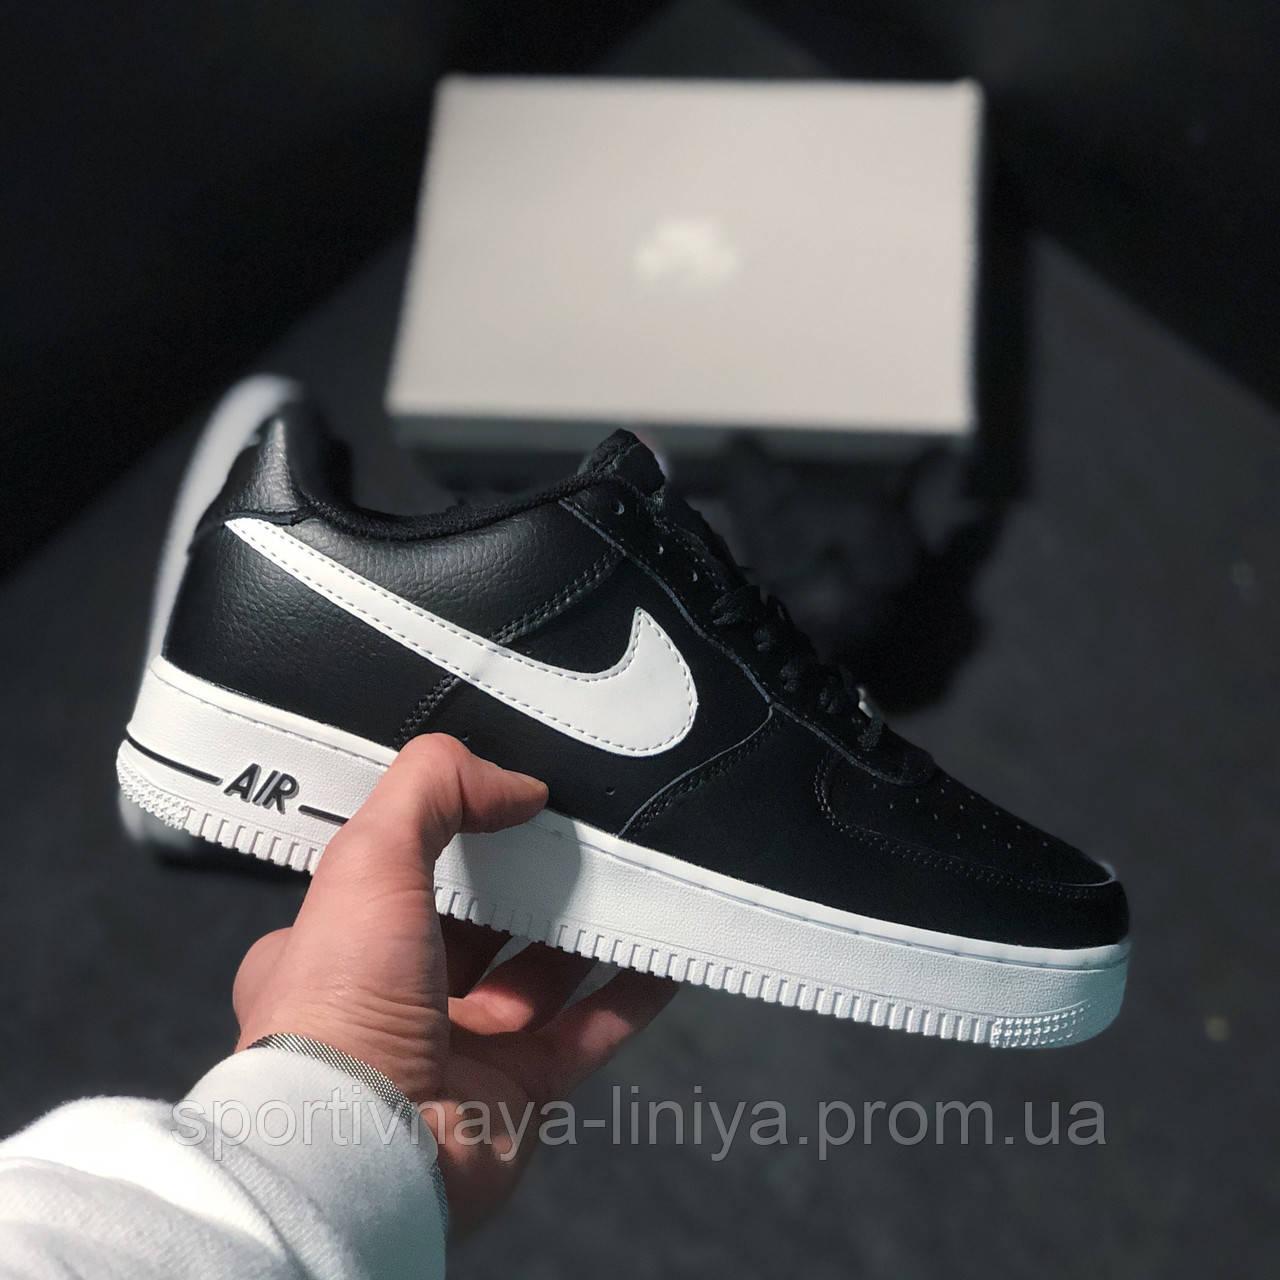 Кроссовки мужские черные Nike Air Force 1 Low black white (реплика)